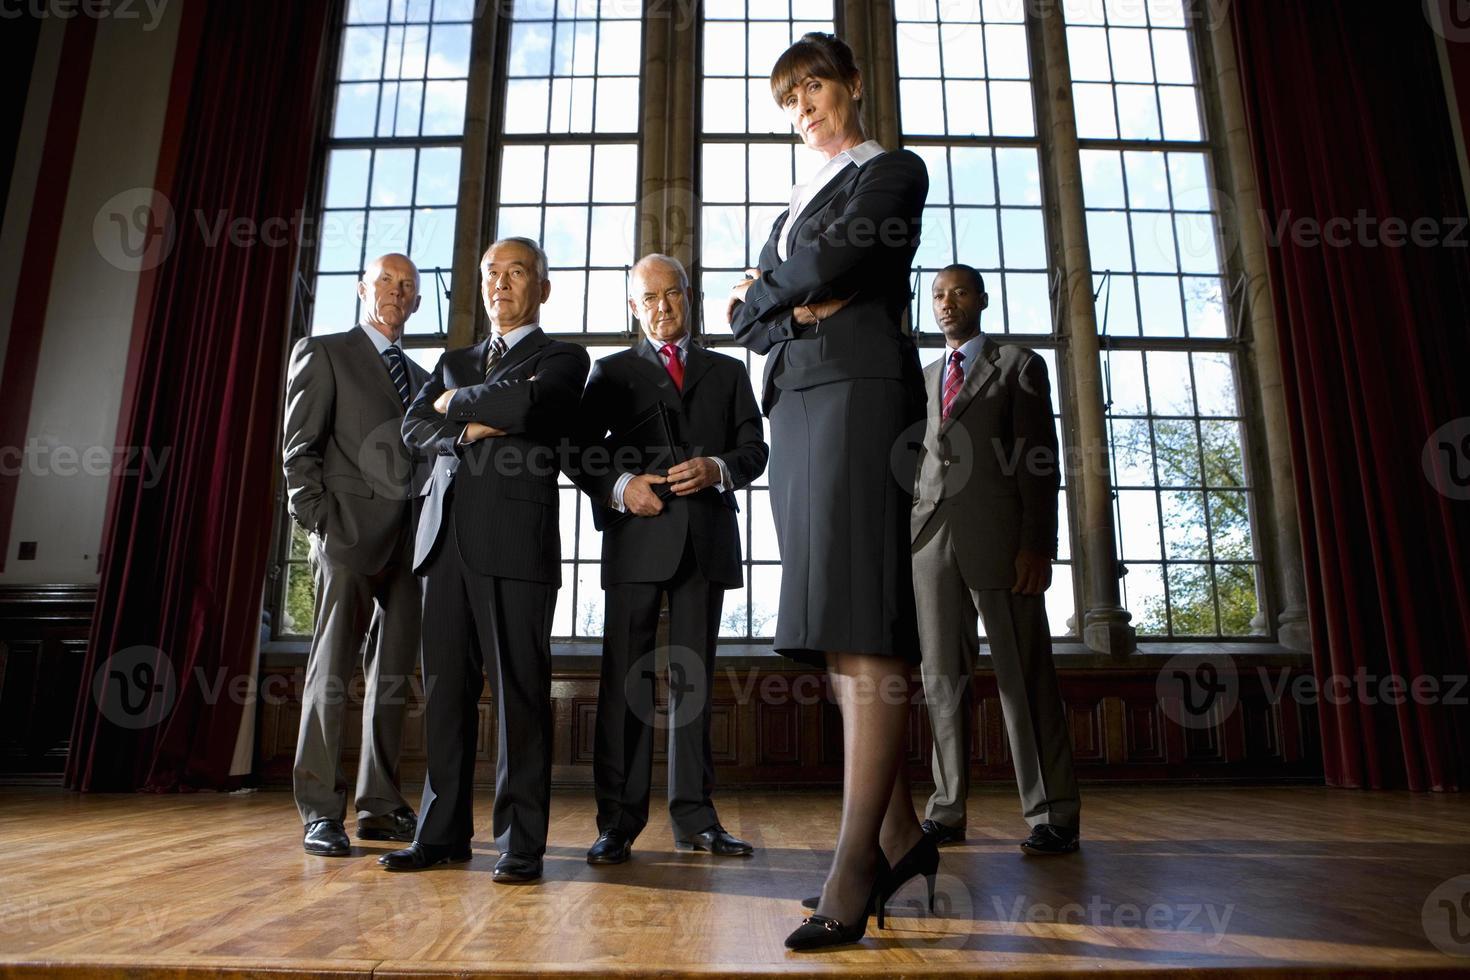 kleine groep zakenlieden en vrouw in de hal van de vrouw foto